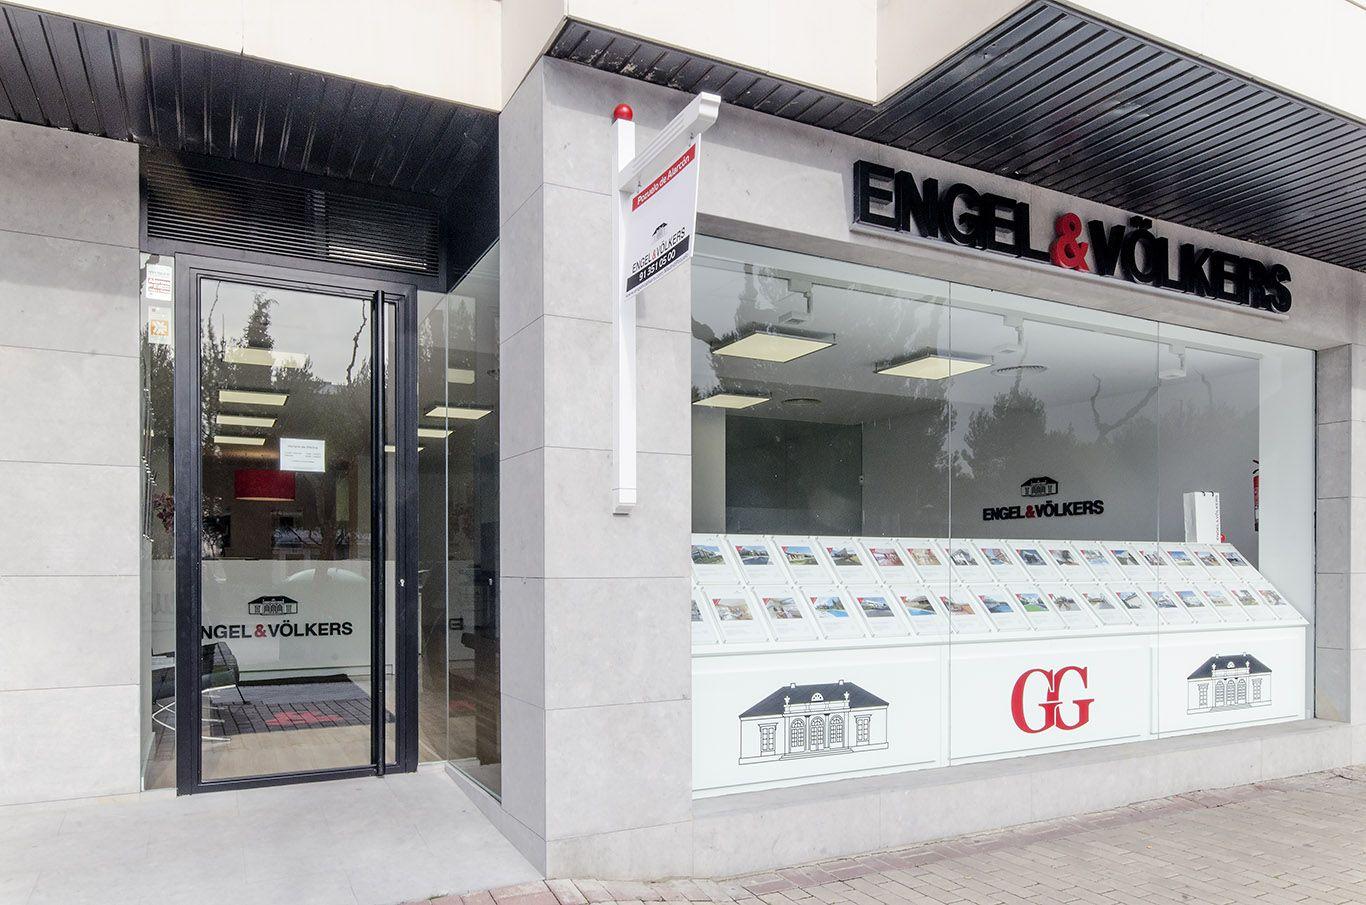 Ambassador Agencia Inmobiliaria Madrid Venta De Casas Pisos Y Chalets De Lujo Agencias Inmobiliarias Casas Chalets